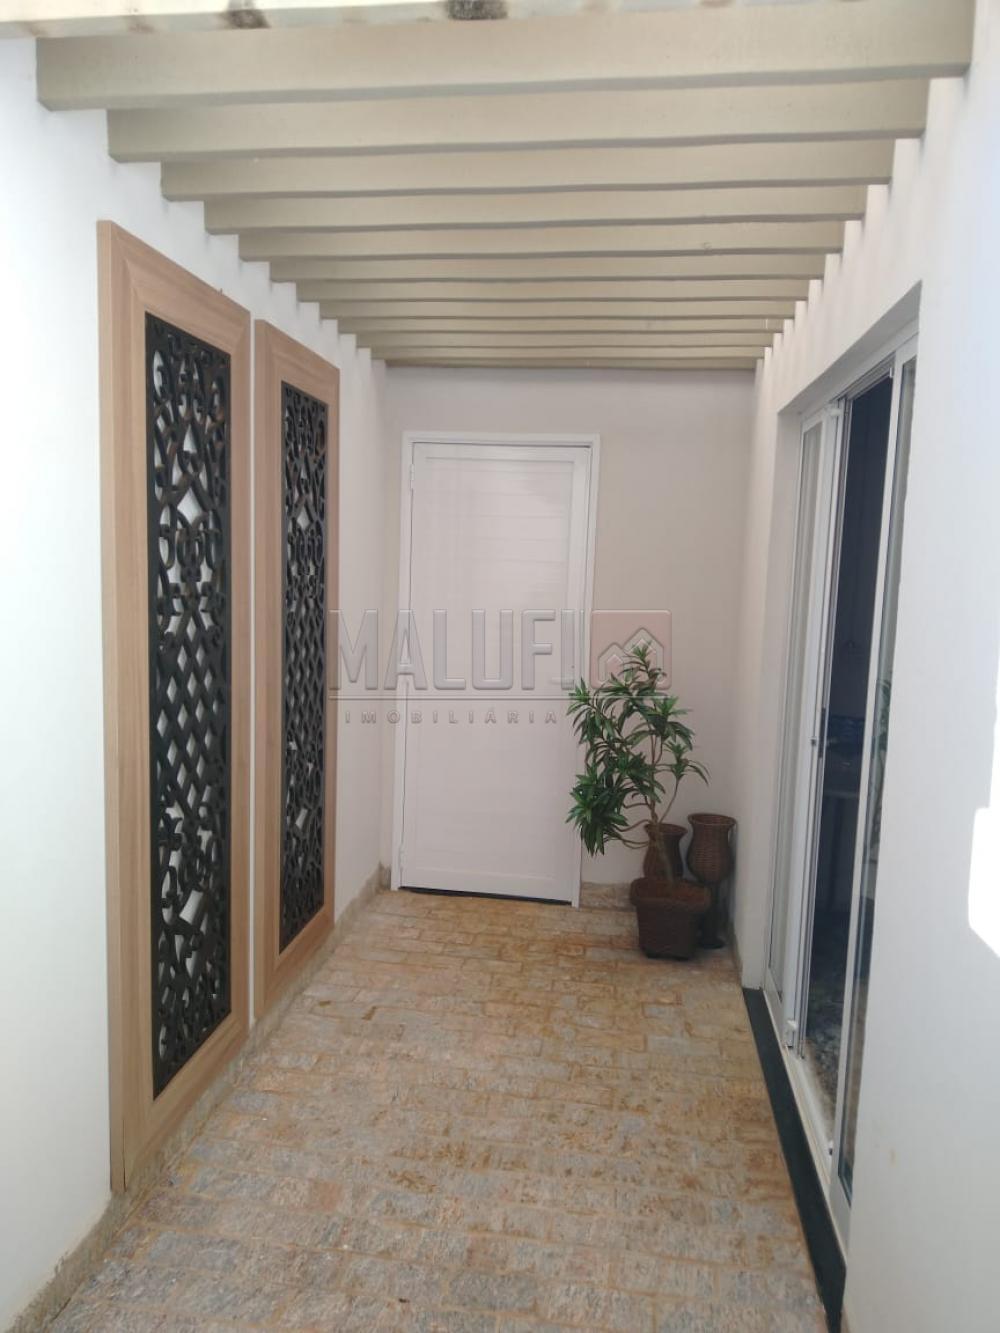 Comprar Casas / Padrão em Olímpia apenas R$ 450.000,00 - Foto 21